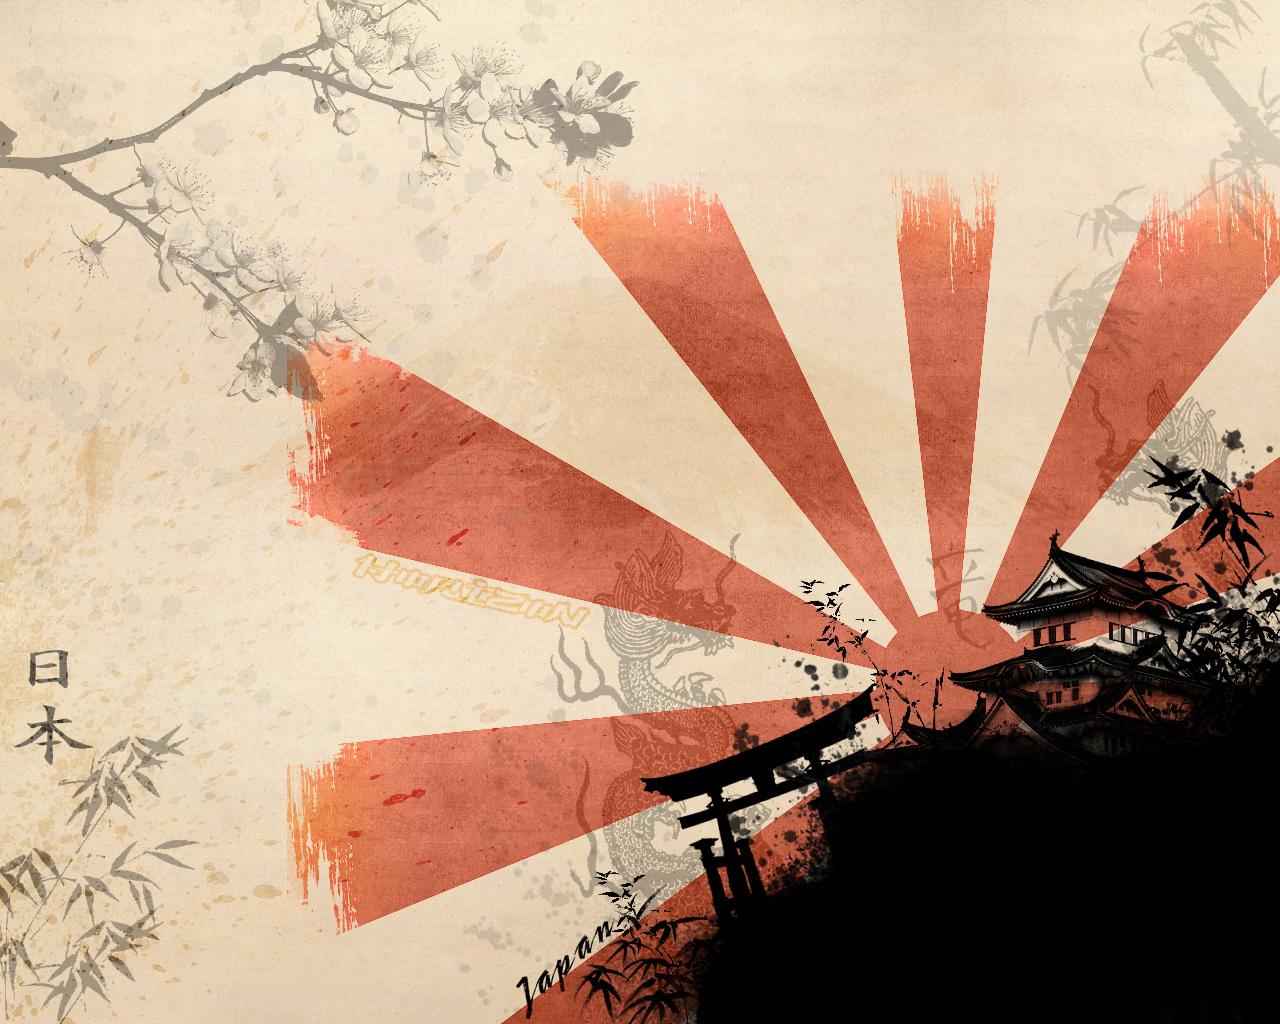 http://2.bp.blogspot.com/-Amx6fwCEAzE/TtgQTGtzXjI/AAAAAAAAApA/XrLXBwKRHAo/s1600/Samurai+Japanese+Wall+Art+and+Cherry+Blossom+Art+Wallpaper-japan.jpg